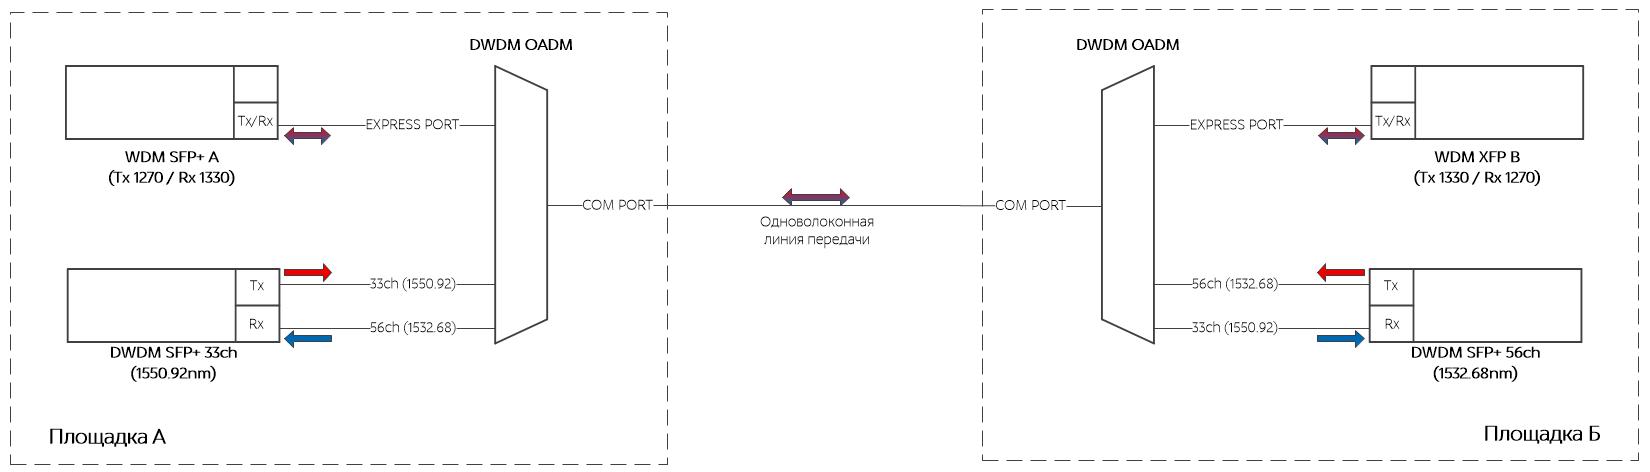 Схема организации гибридной системы передач WDM+CWDM